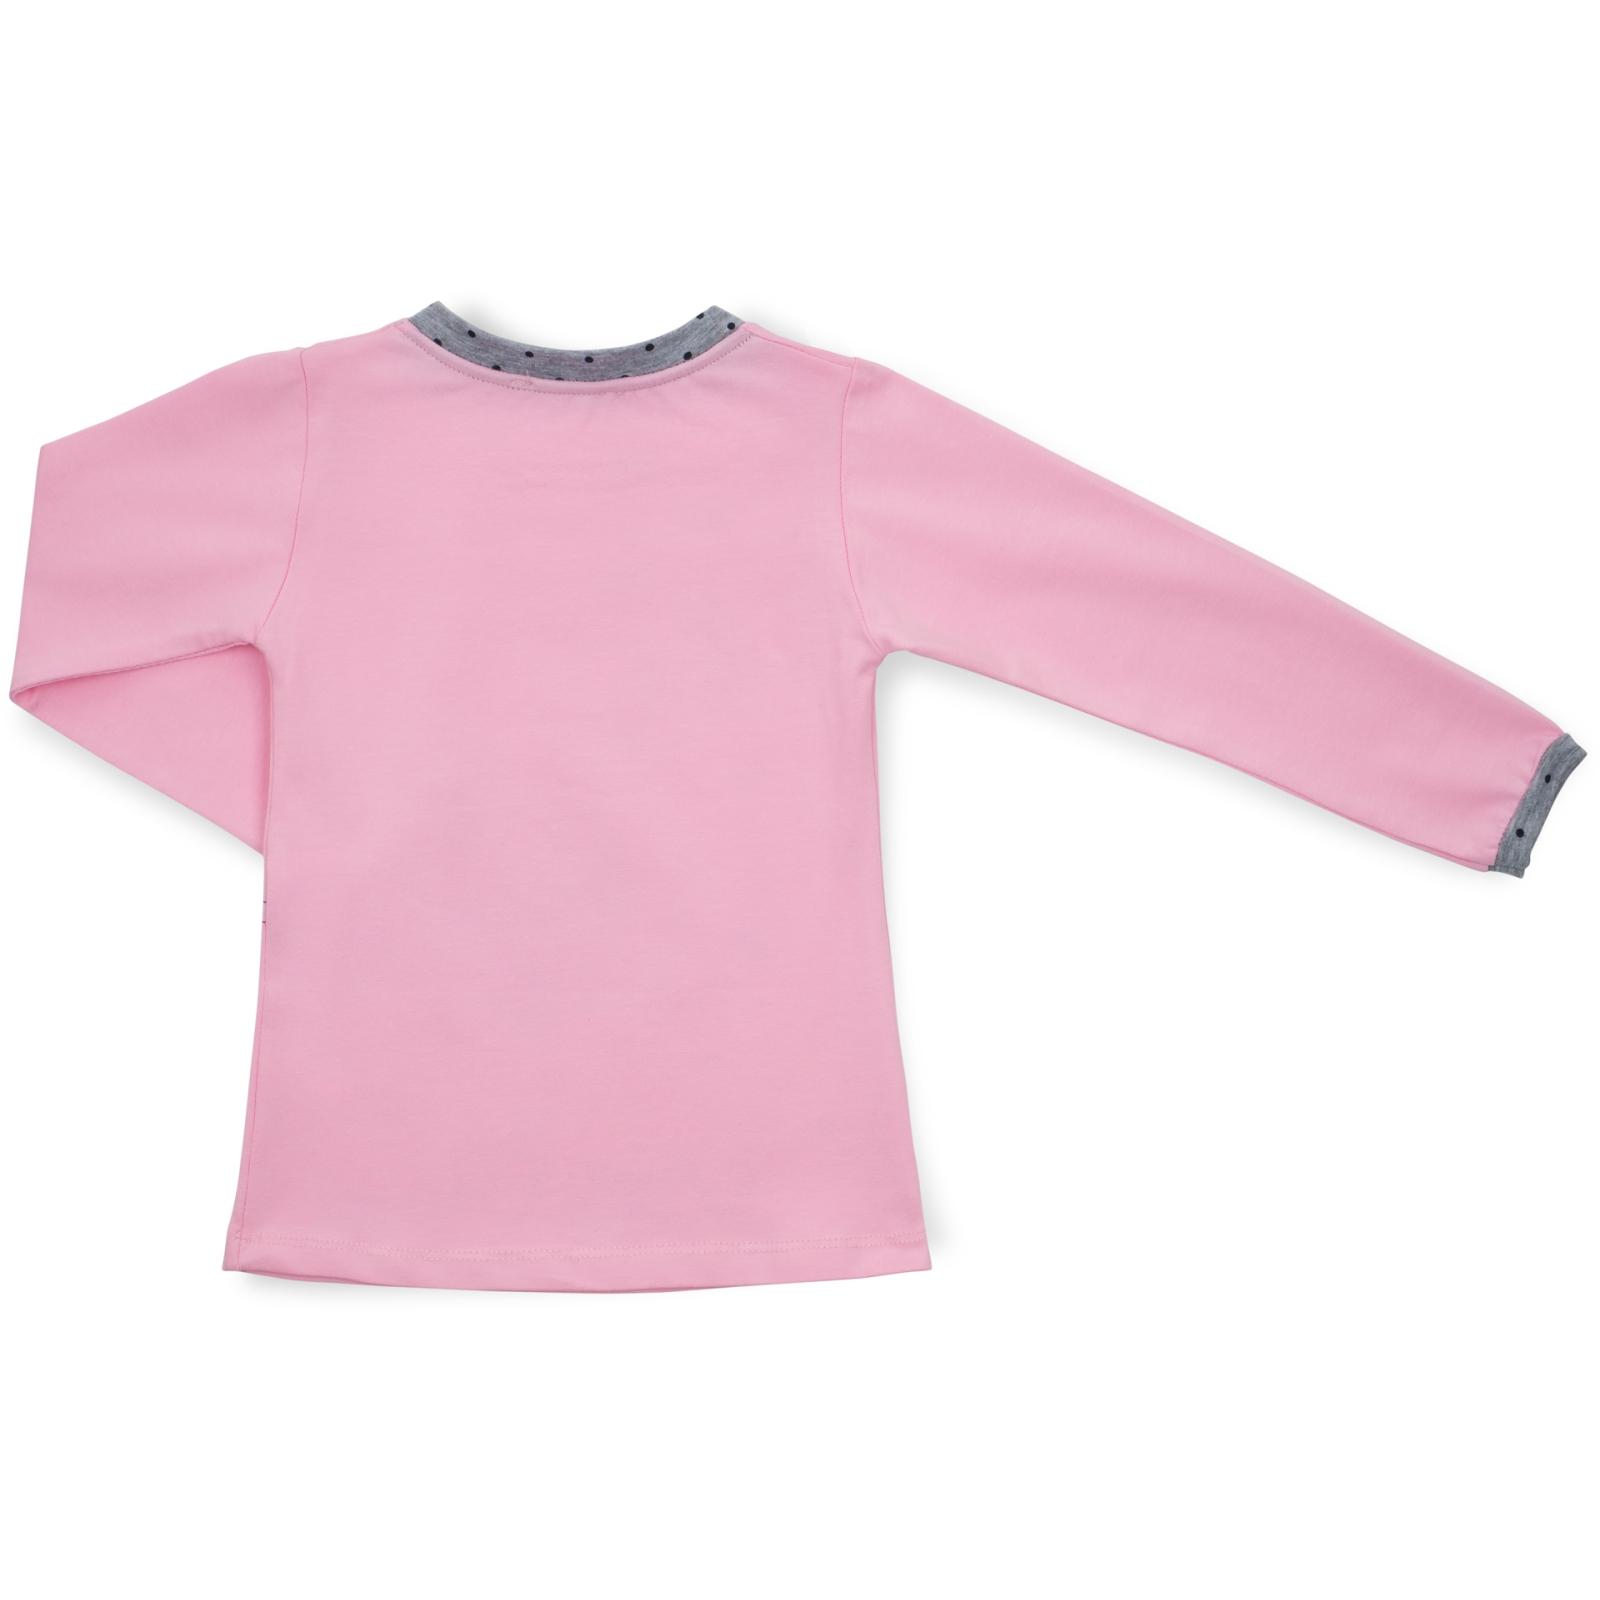 Пижама Matilda с лебедем (10939-2-92G-pink) изображение 5